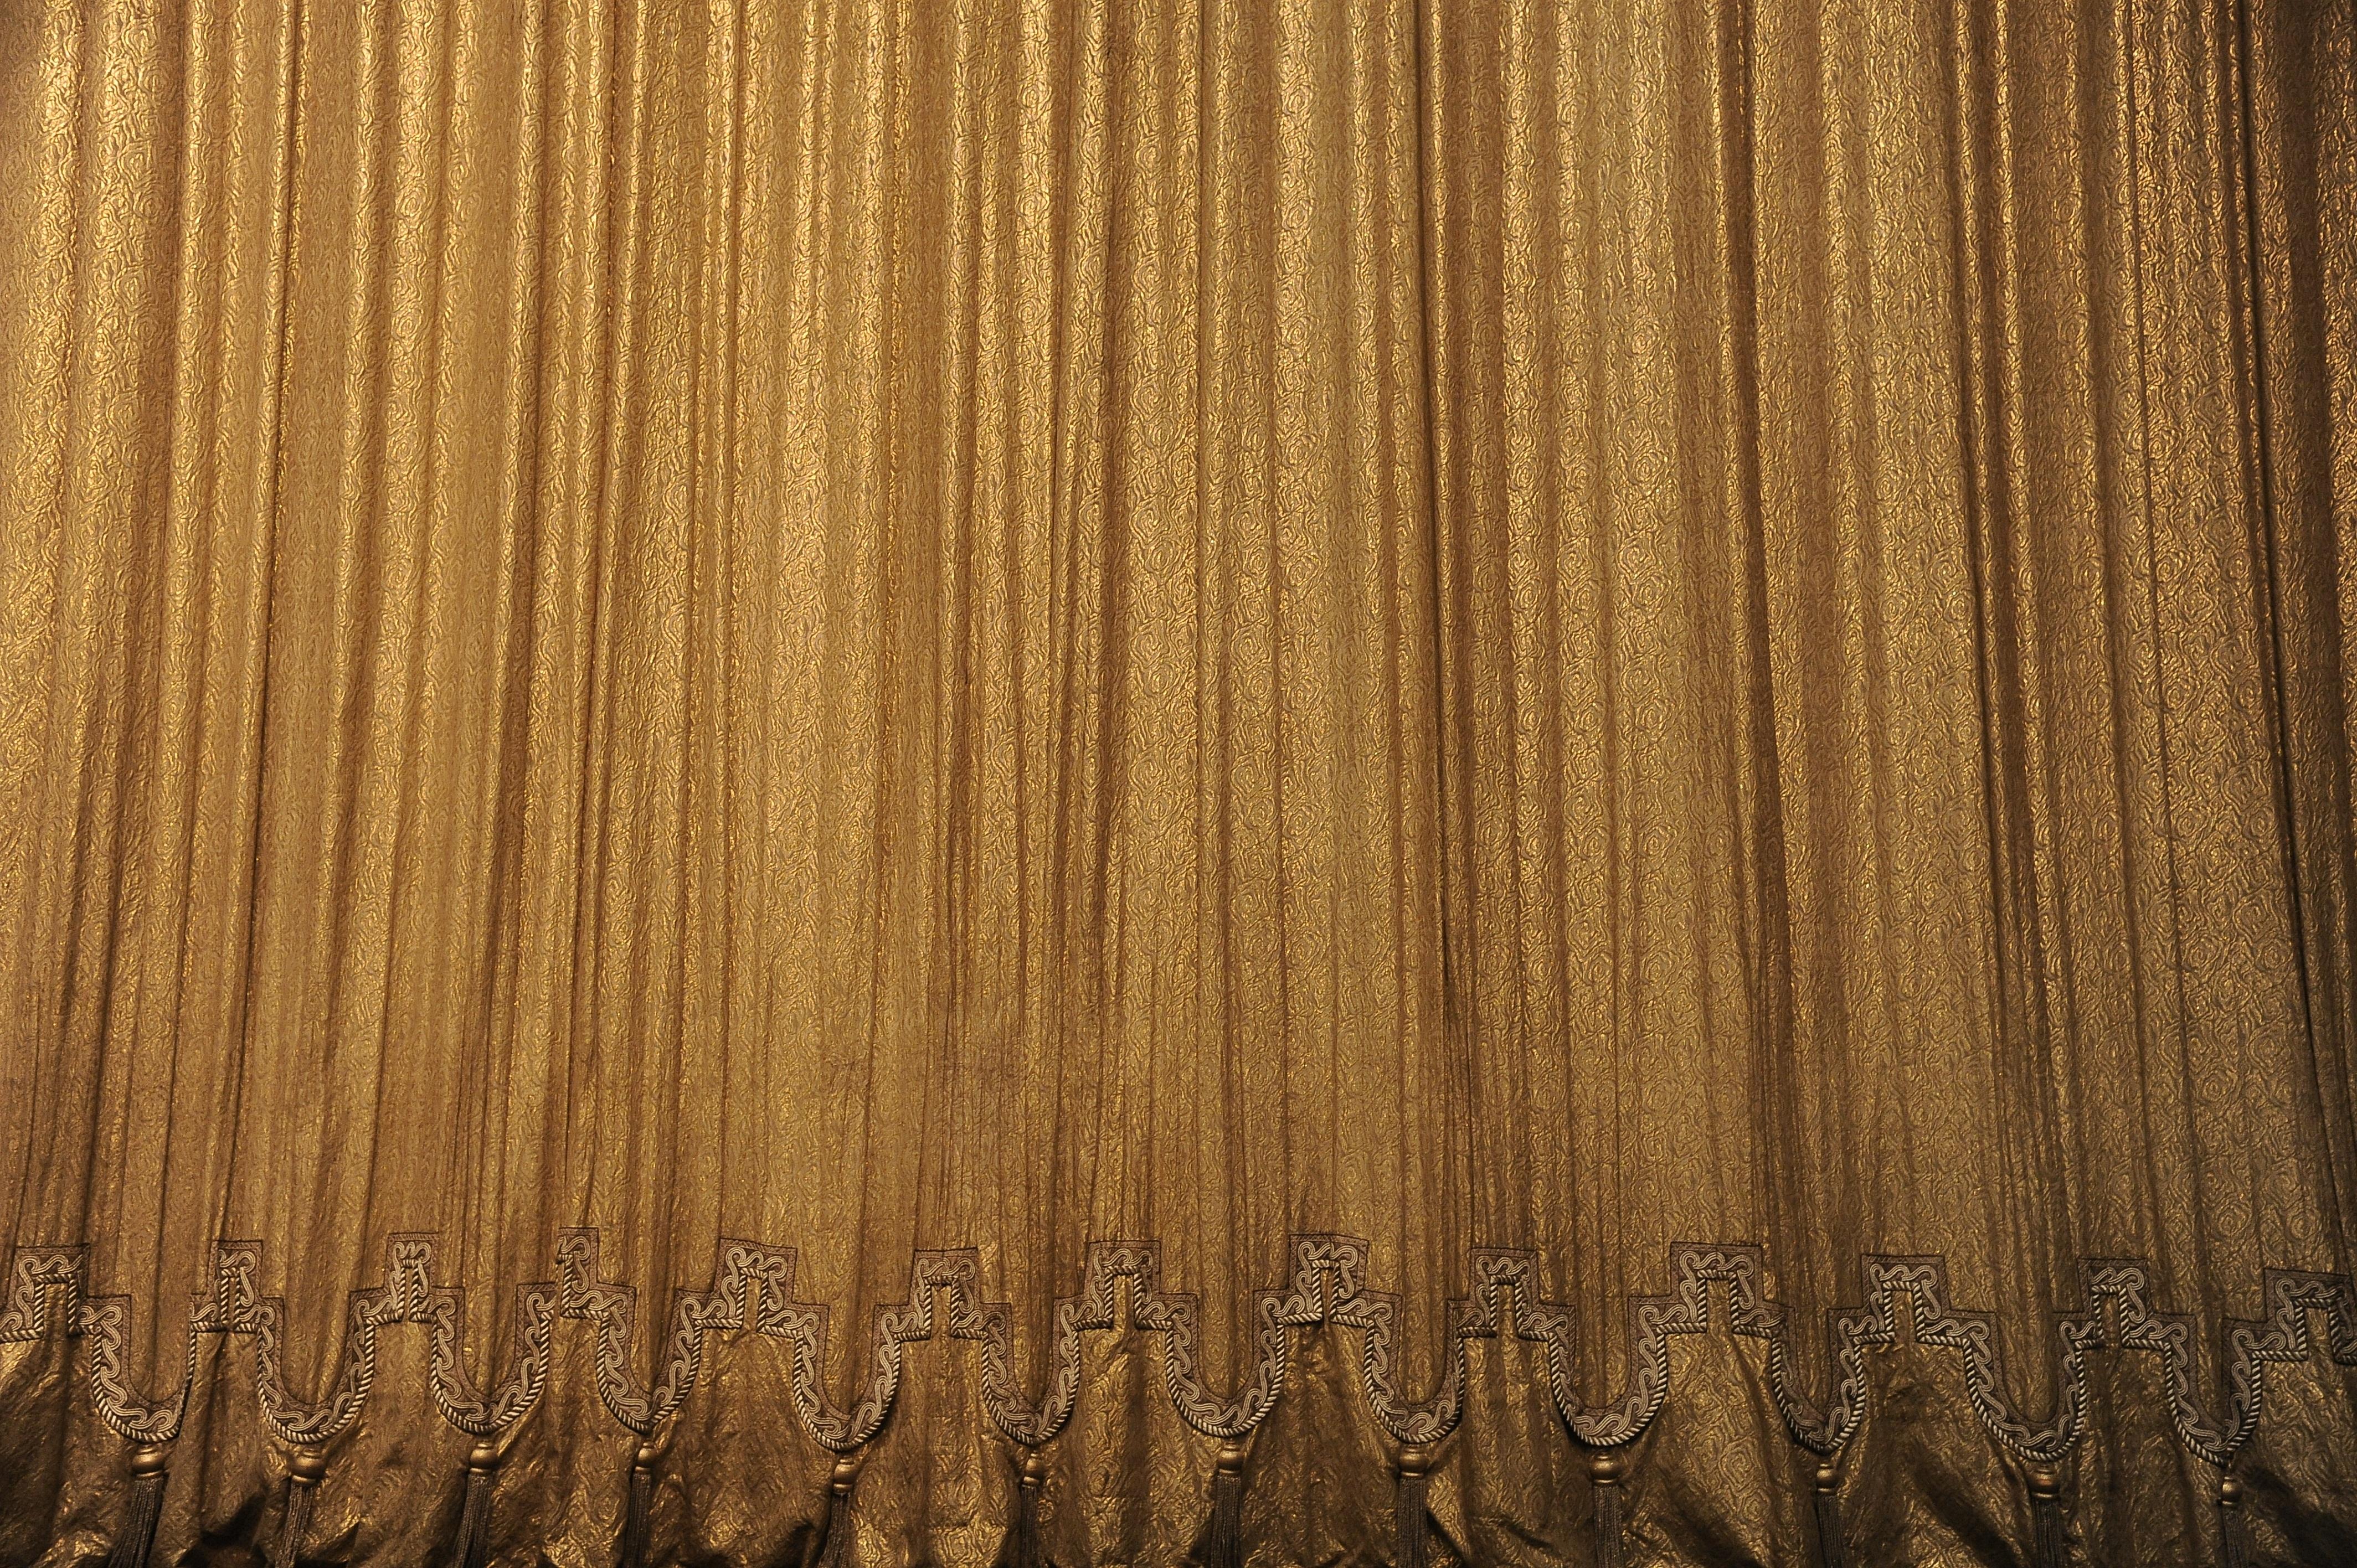 무료 이미지 : 목재, 조직, 무늬, 갈색, 커튼, 조명, 인테리어 ...